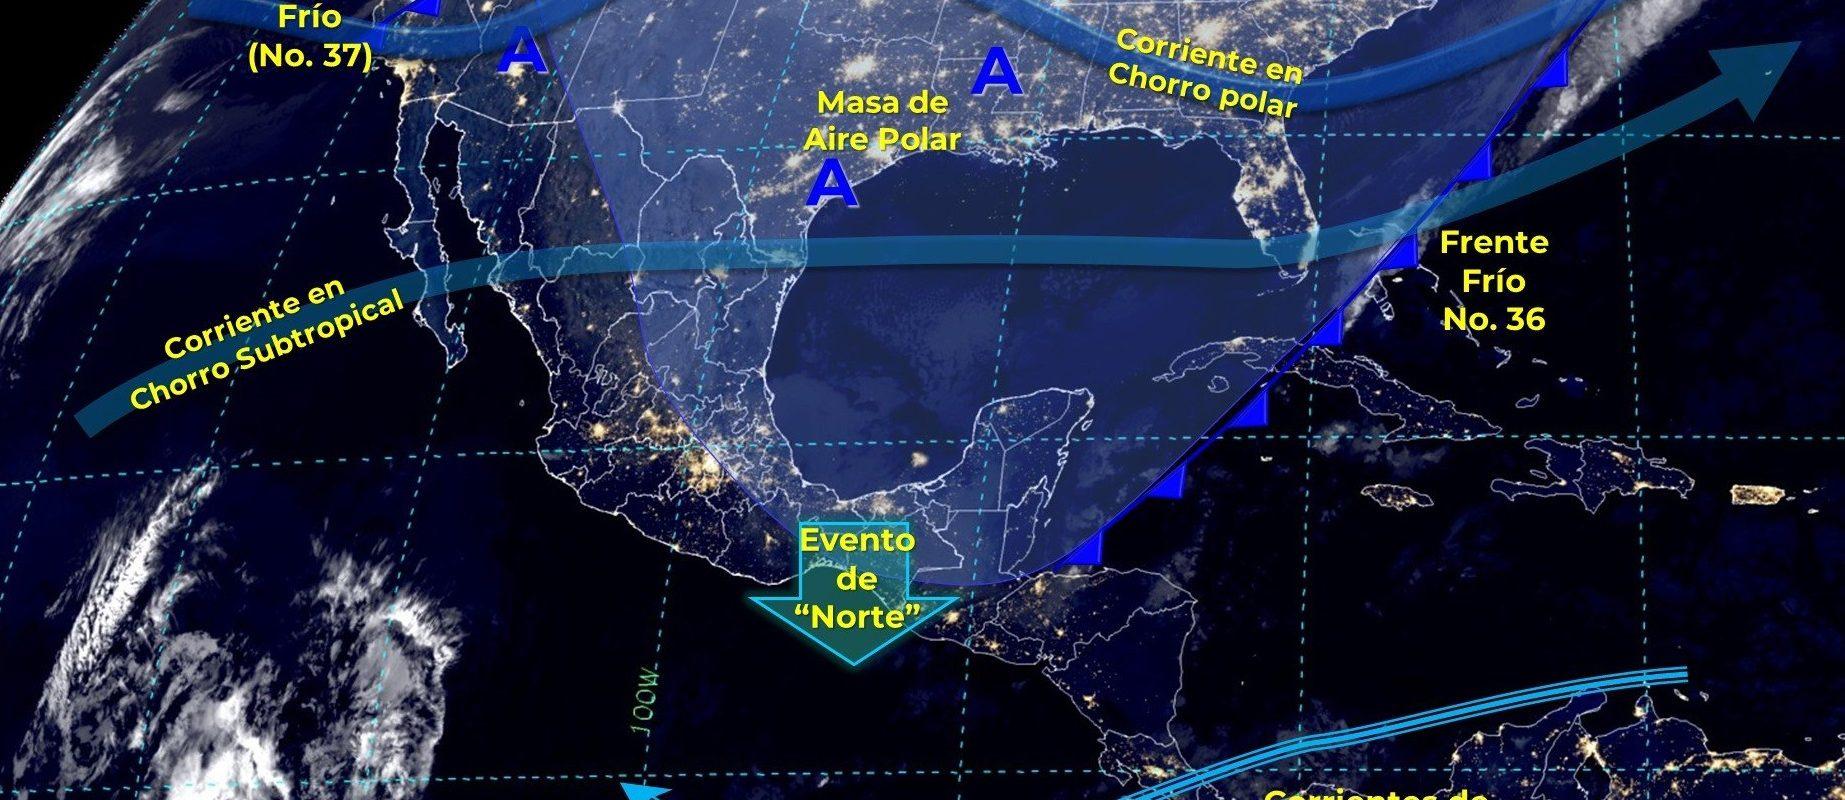 Frente frío dejará heladas y tormentas en Coahuila, Chihuahua y Sonora